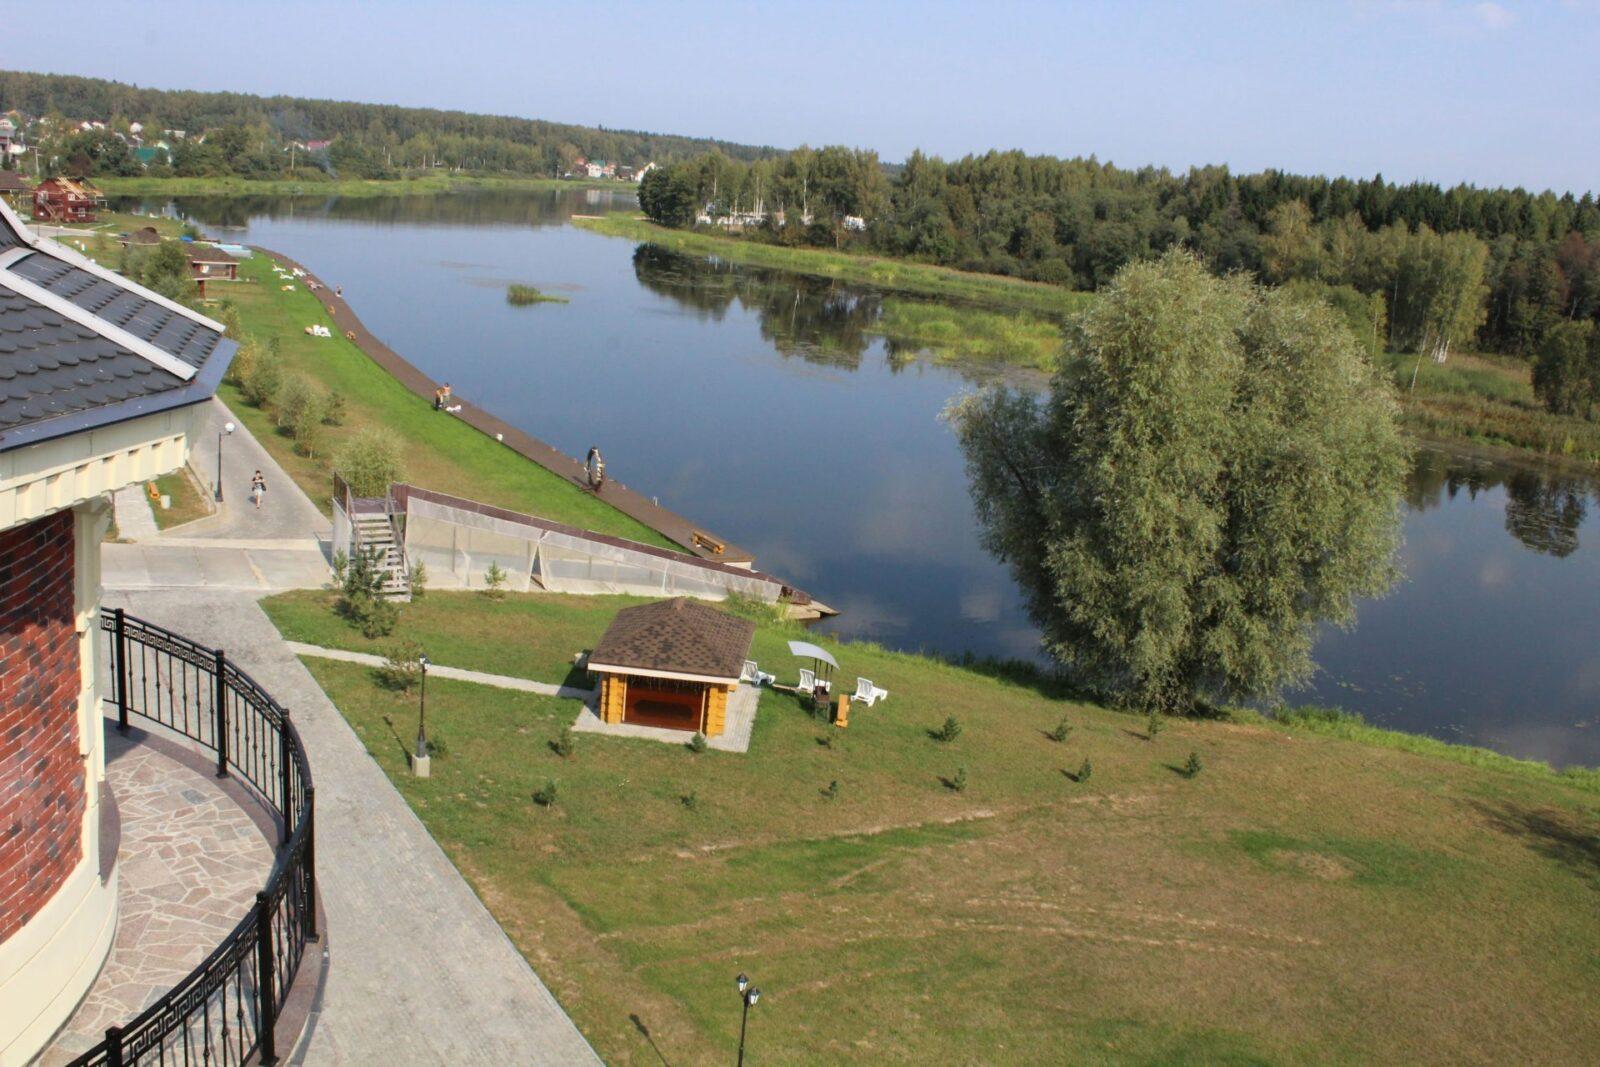 """Гостиничный комплекс """"Ольгино"""" предлагает покупку земли в экологически чистом районе"""